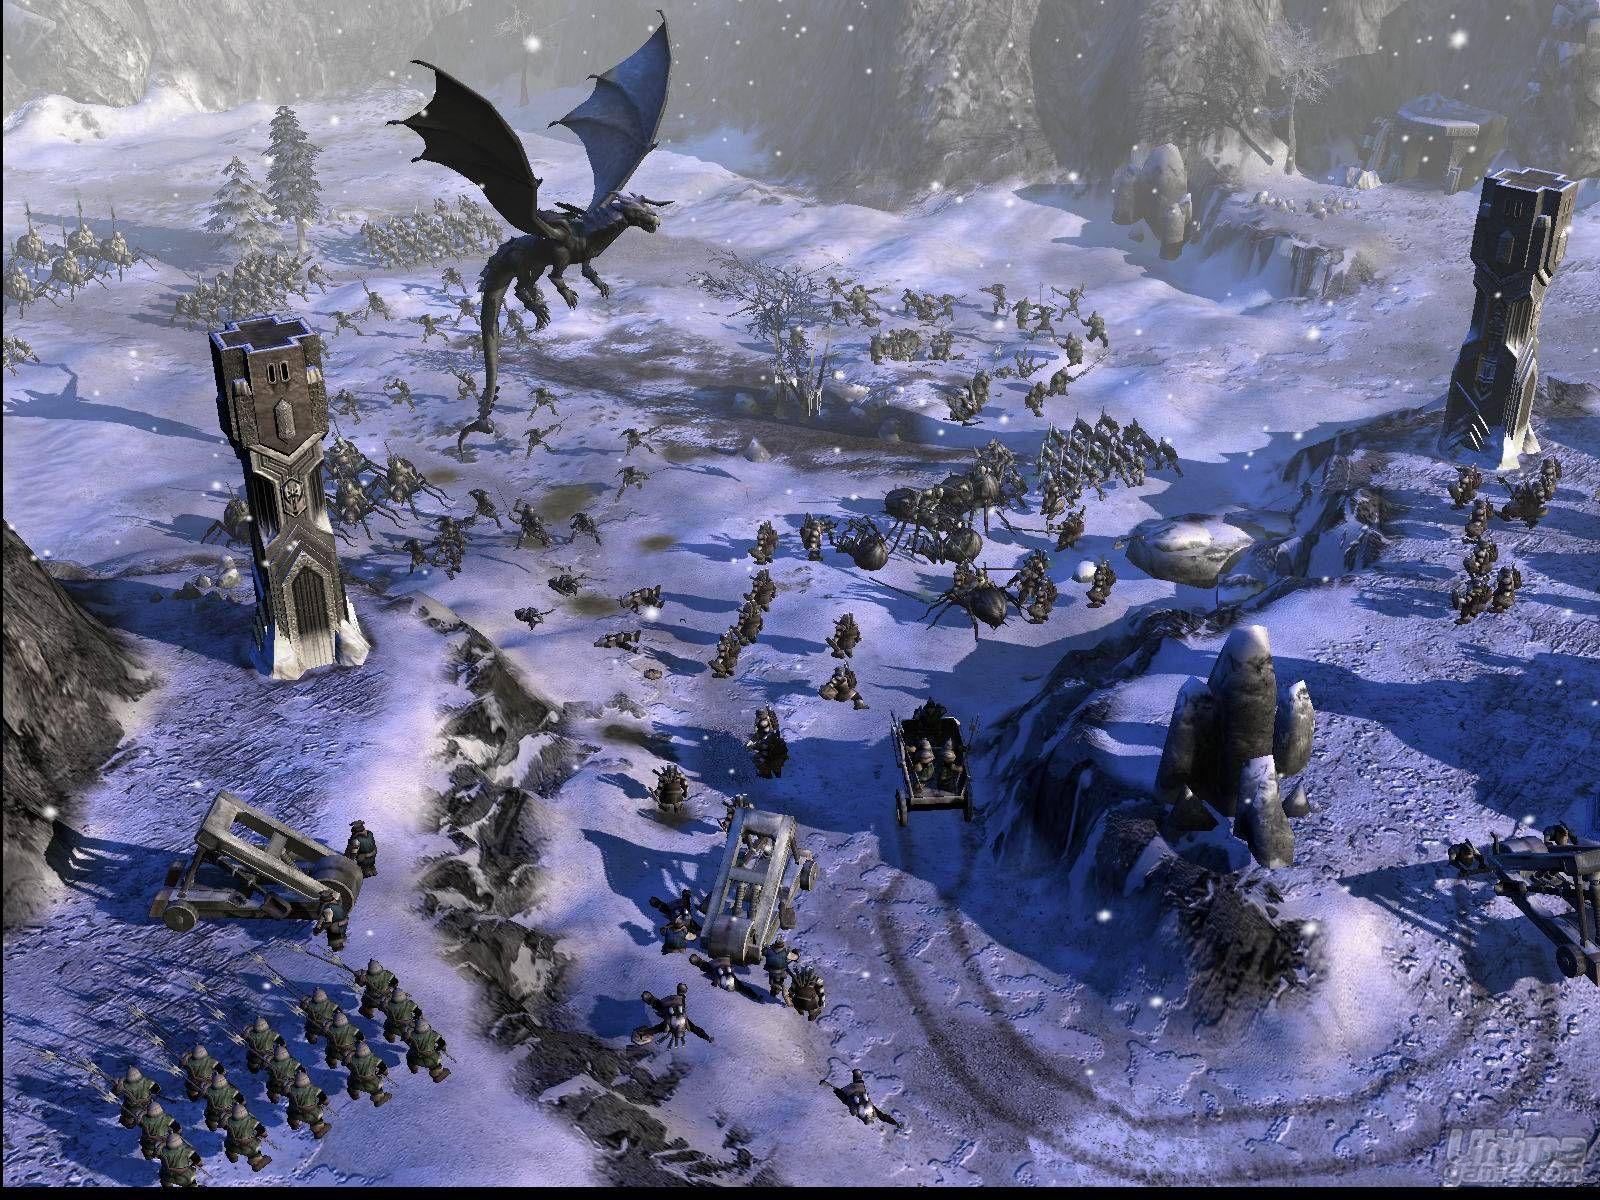 Portada en español y cuatro nuevas imágenes de El Señor de los Anillos: Batalla por la Tierra Media 2 para PC de El Señor de los Anillos: La Batalla por la Tierra Media 2 - imagen 2